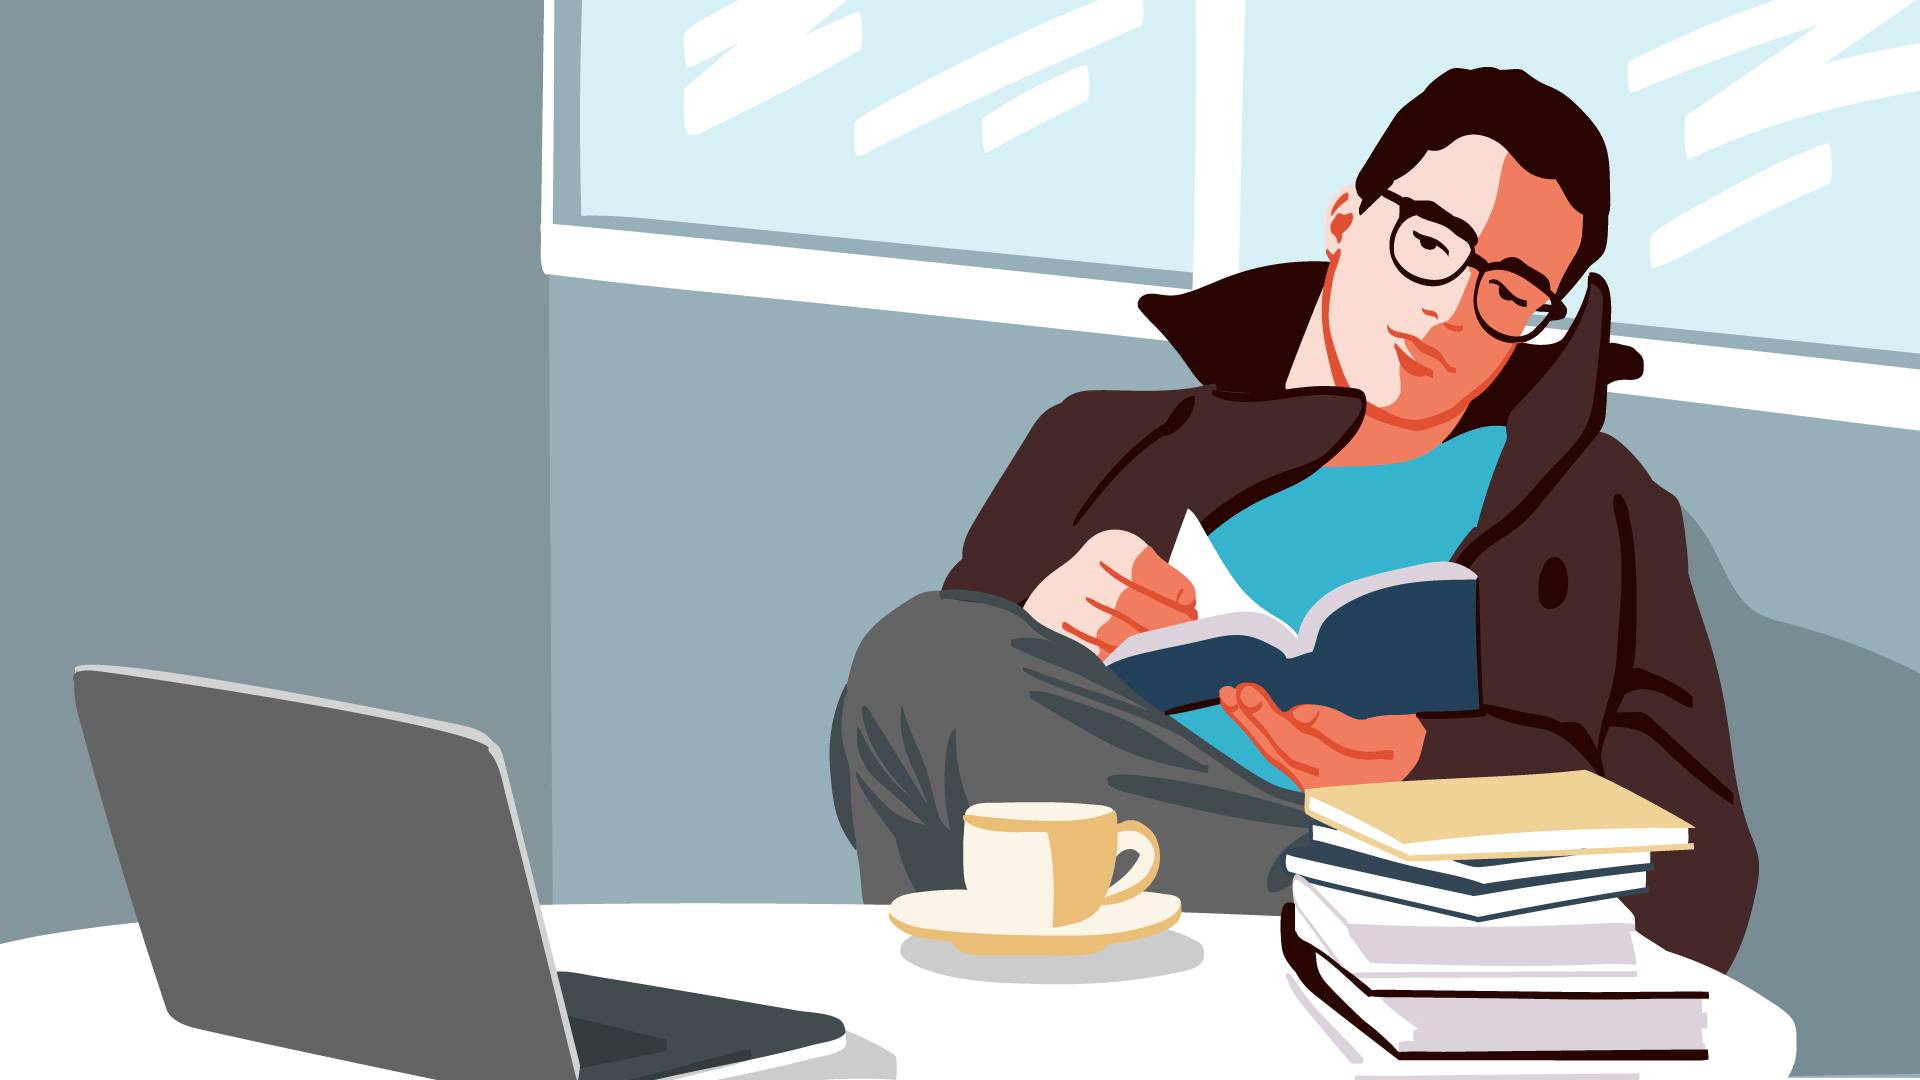 Mann sitzt mit einem Kaffee vor einem Schreibtisch und liest.